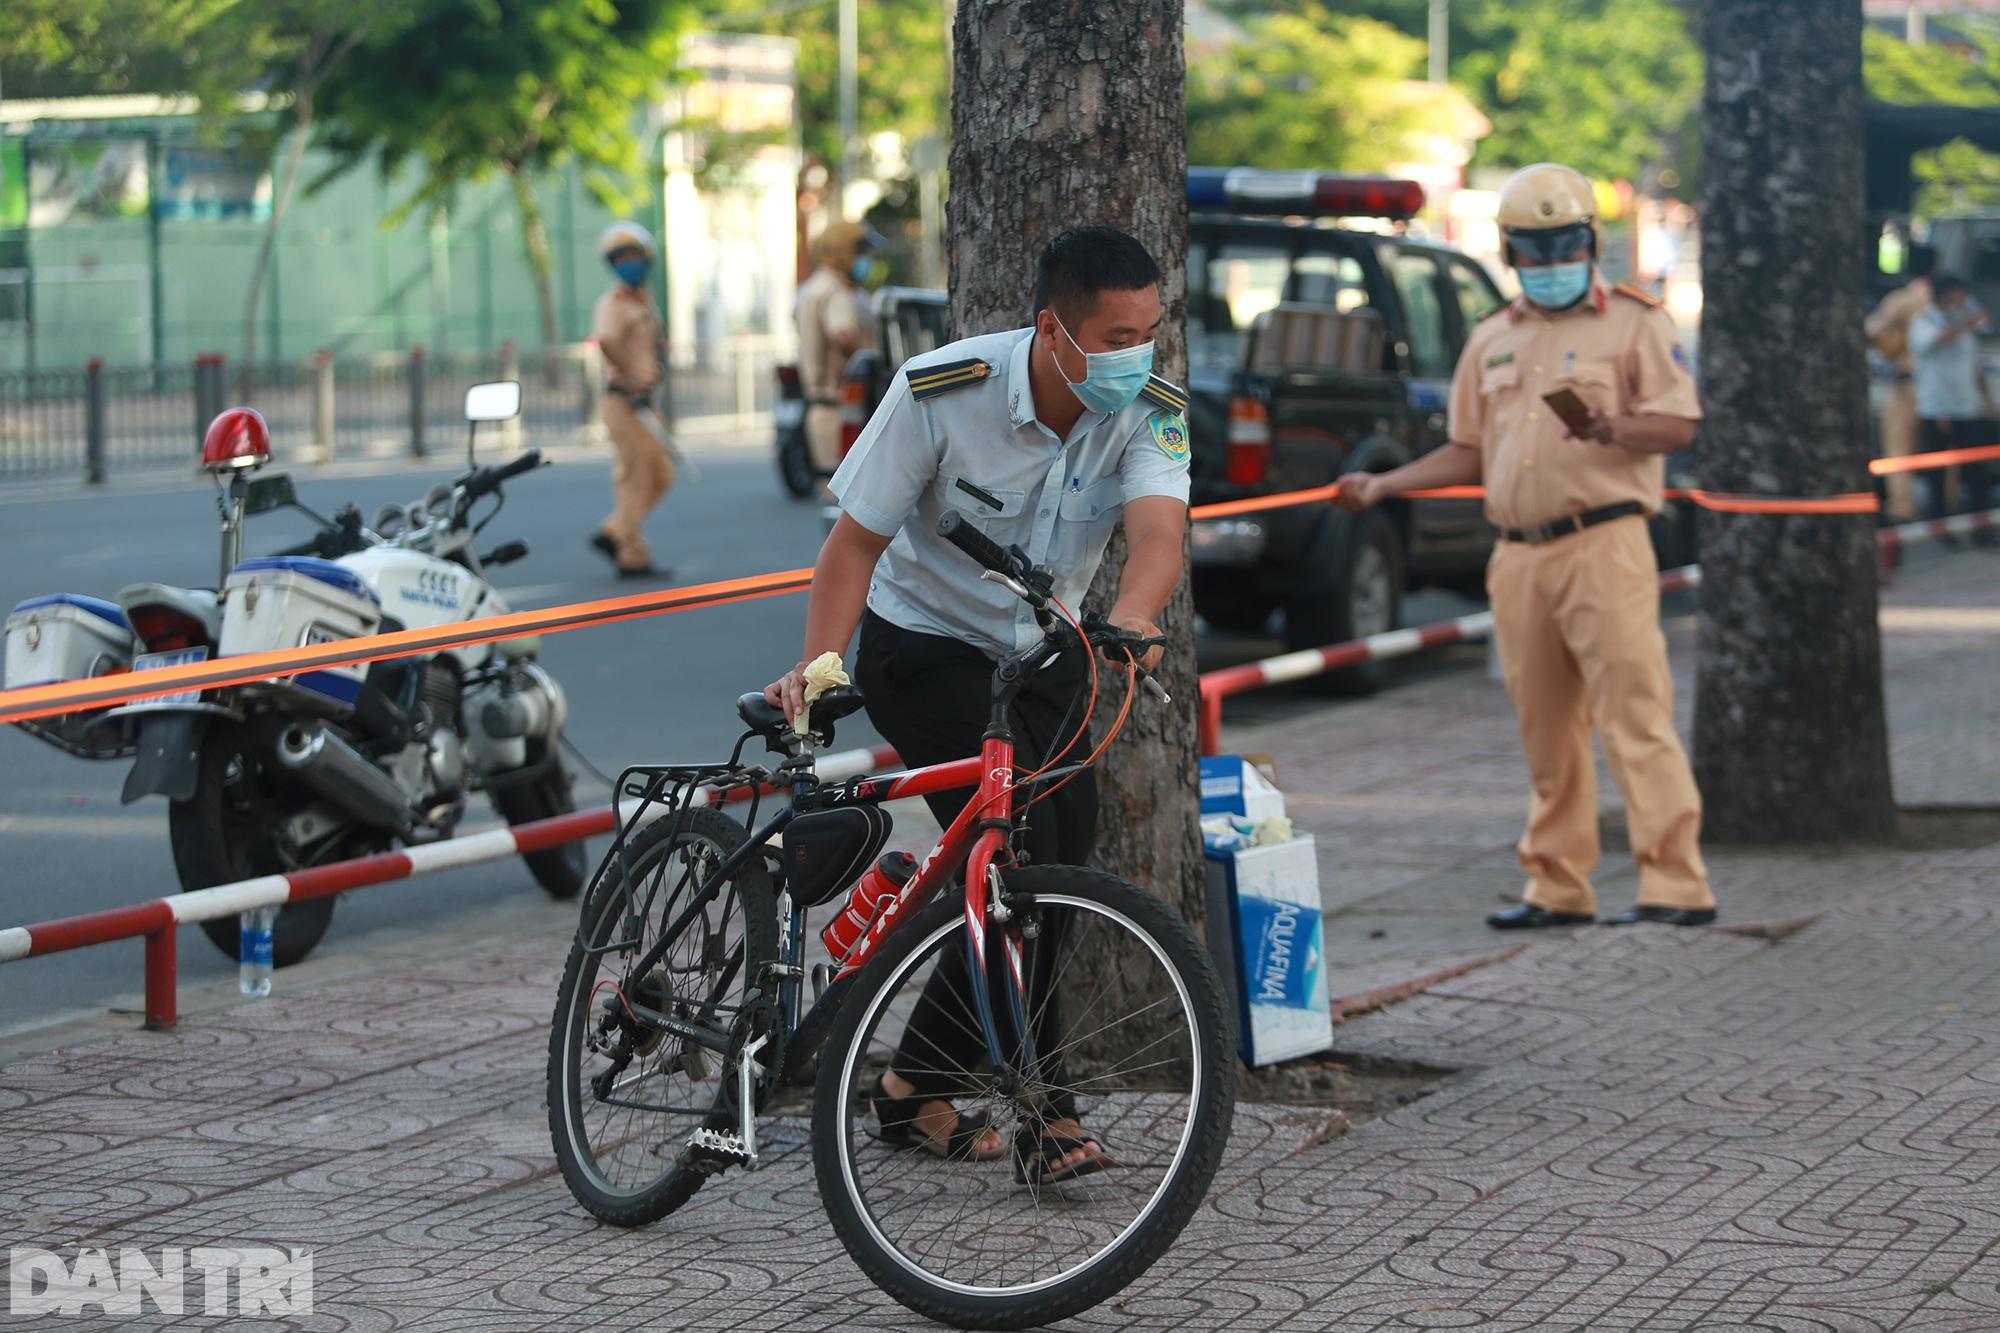 Đạp xe ra đường ở TPHCM với lý do mập mờ không thể xác thực bị phạt 2 triệu - 9